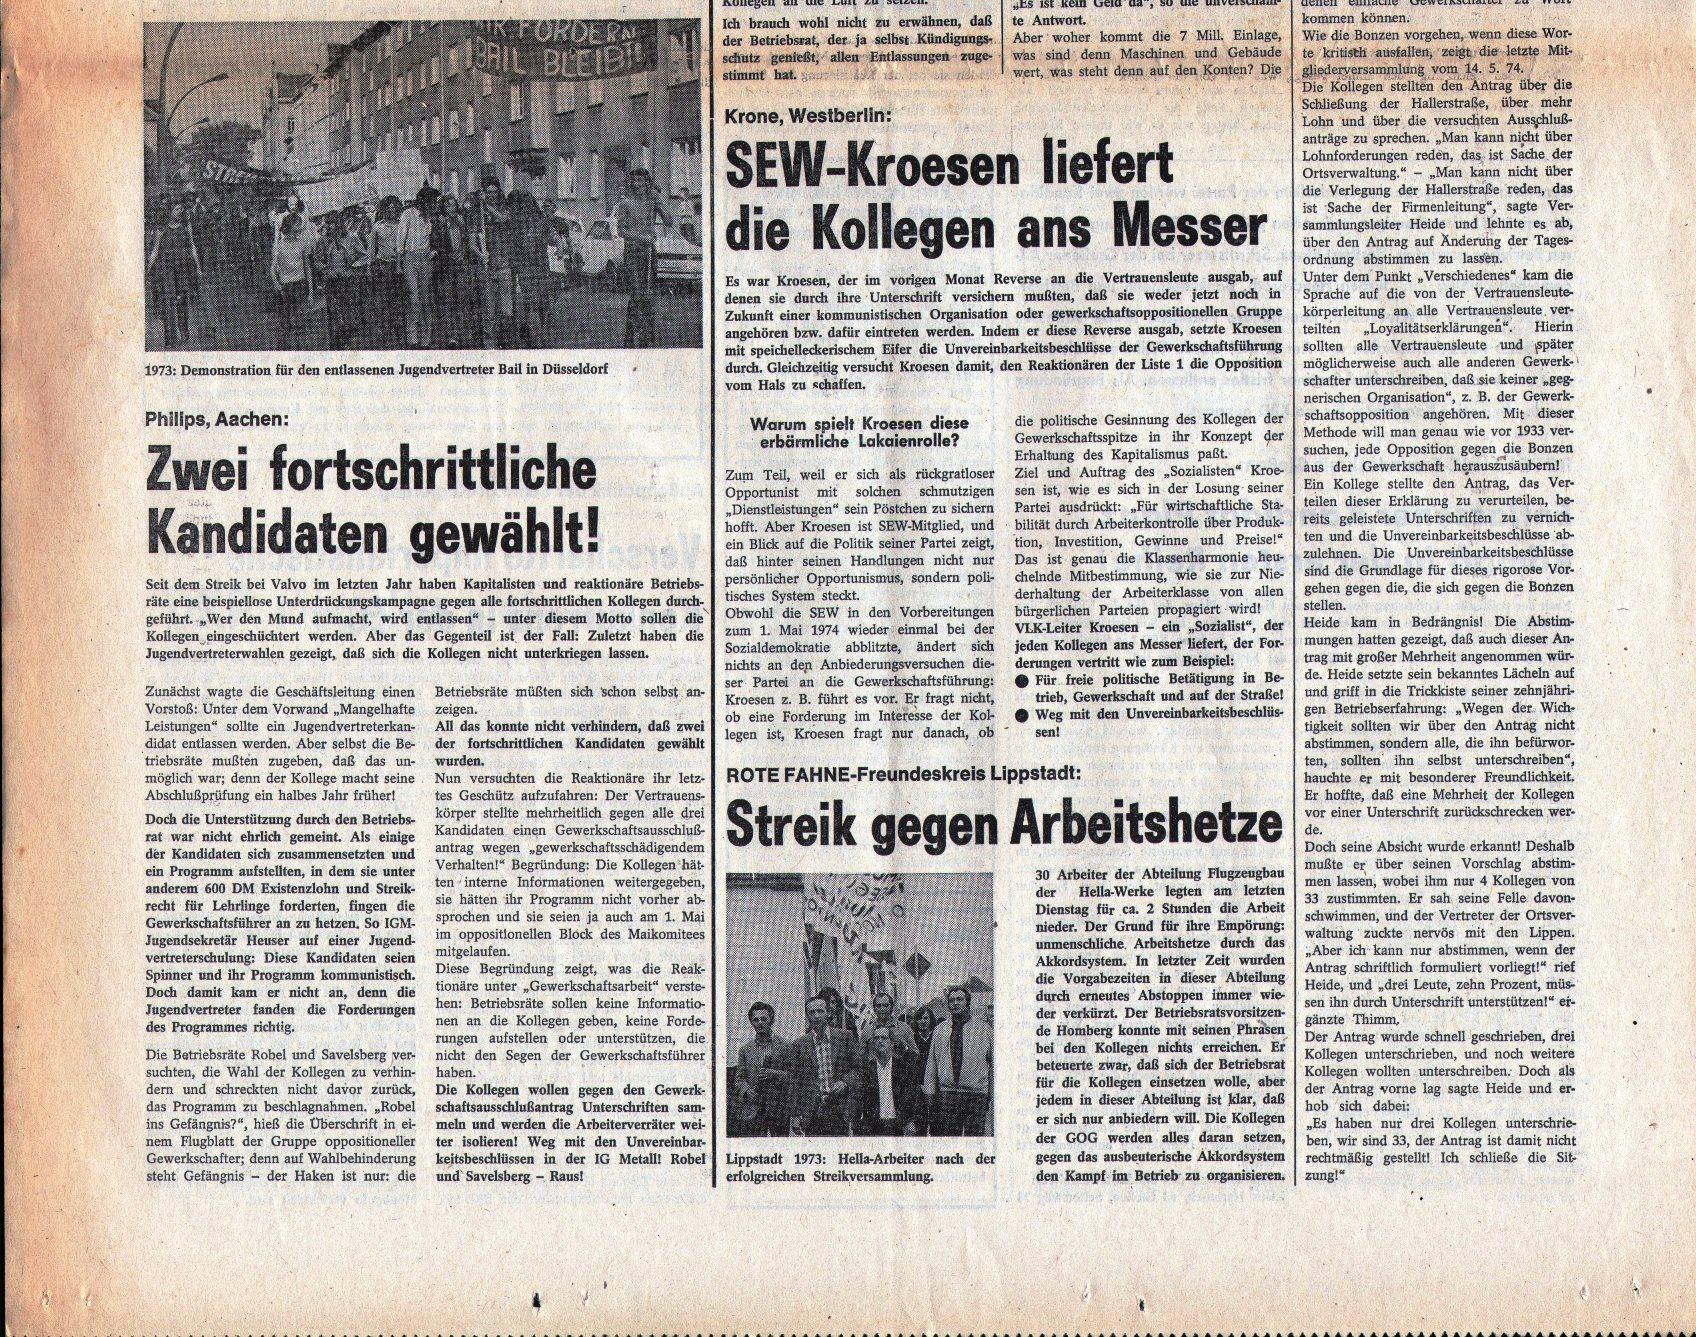 KPD_Rote_Fahne_1974_22_08